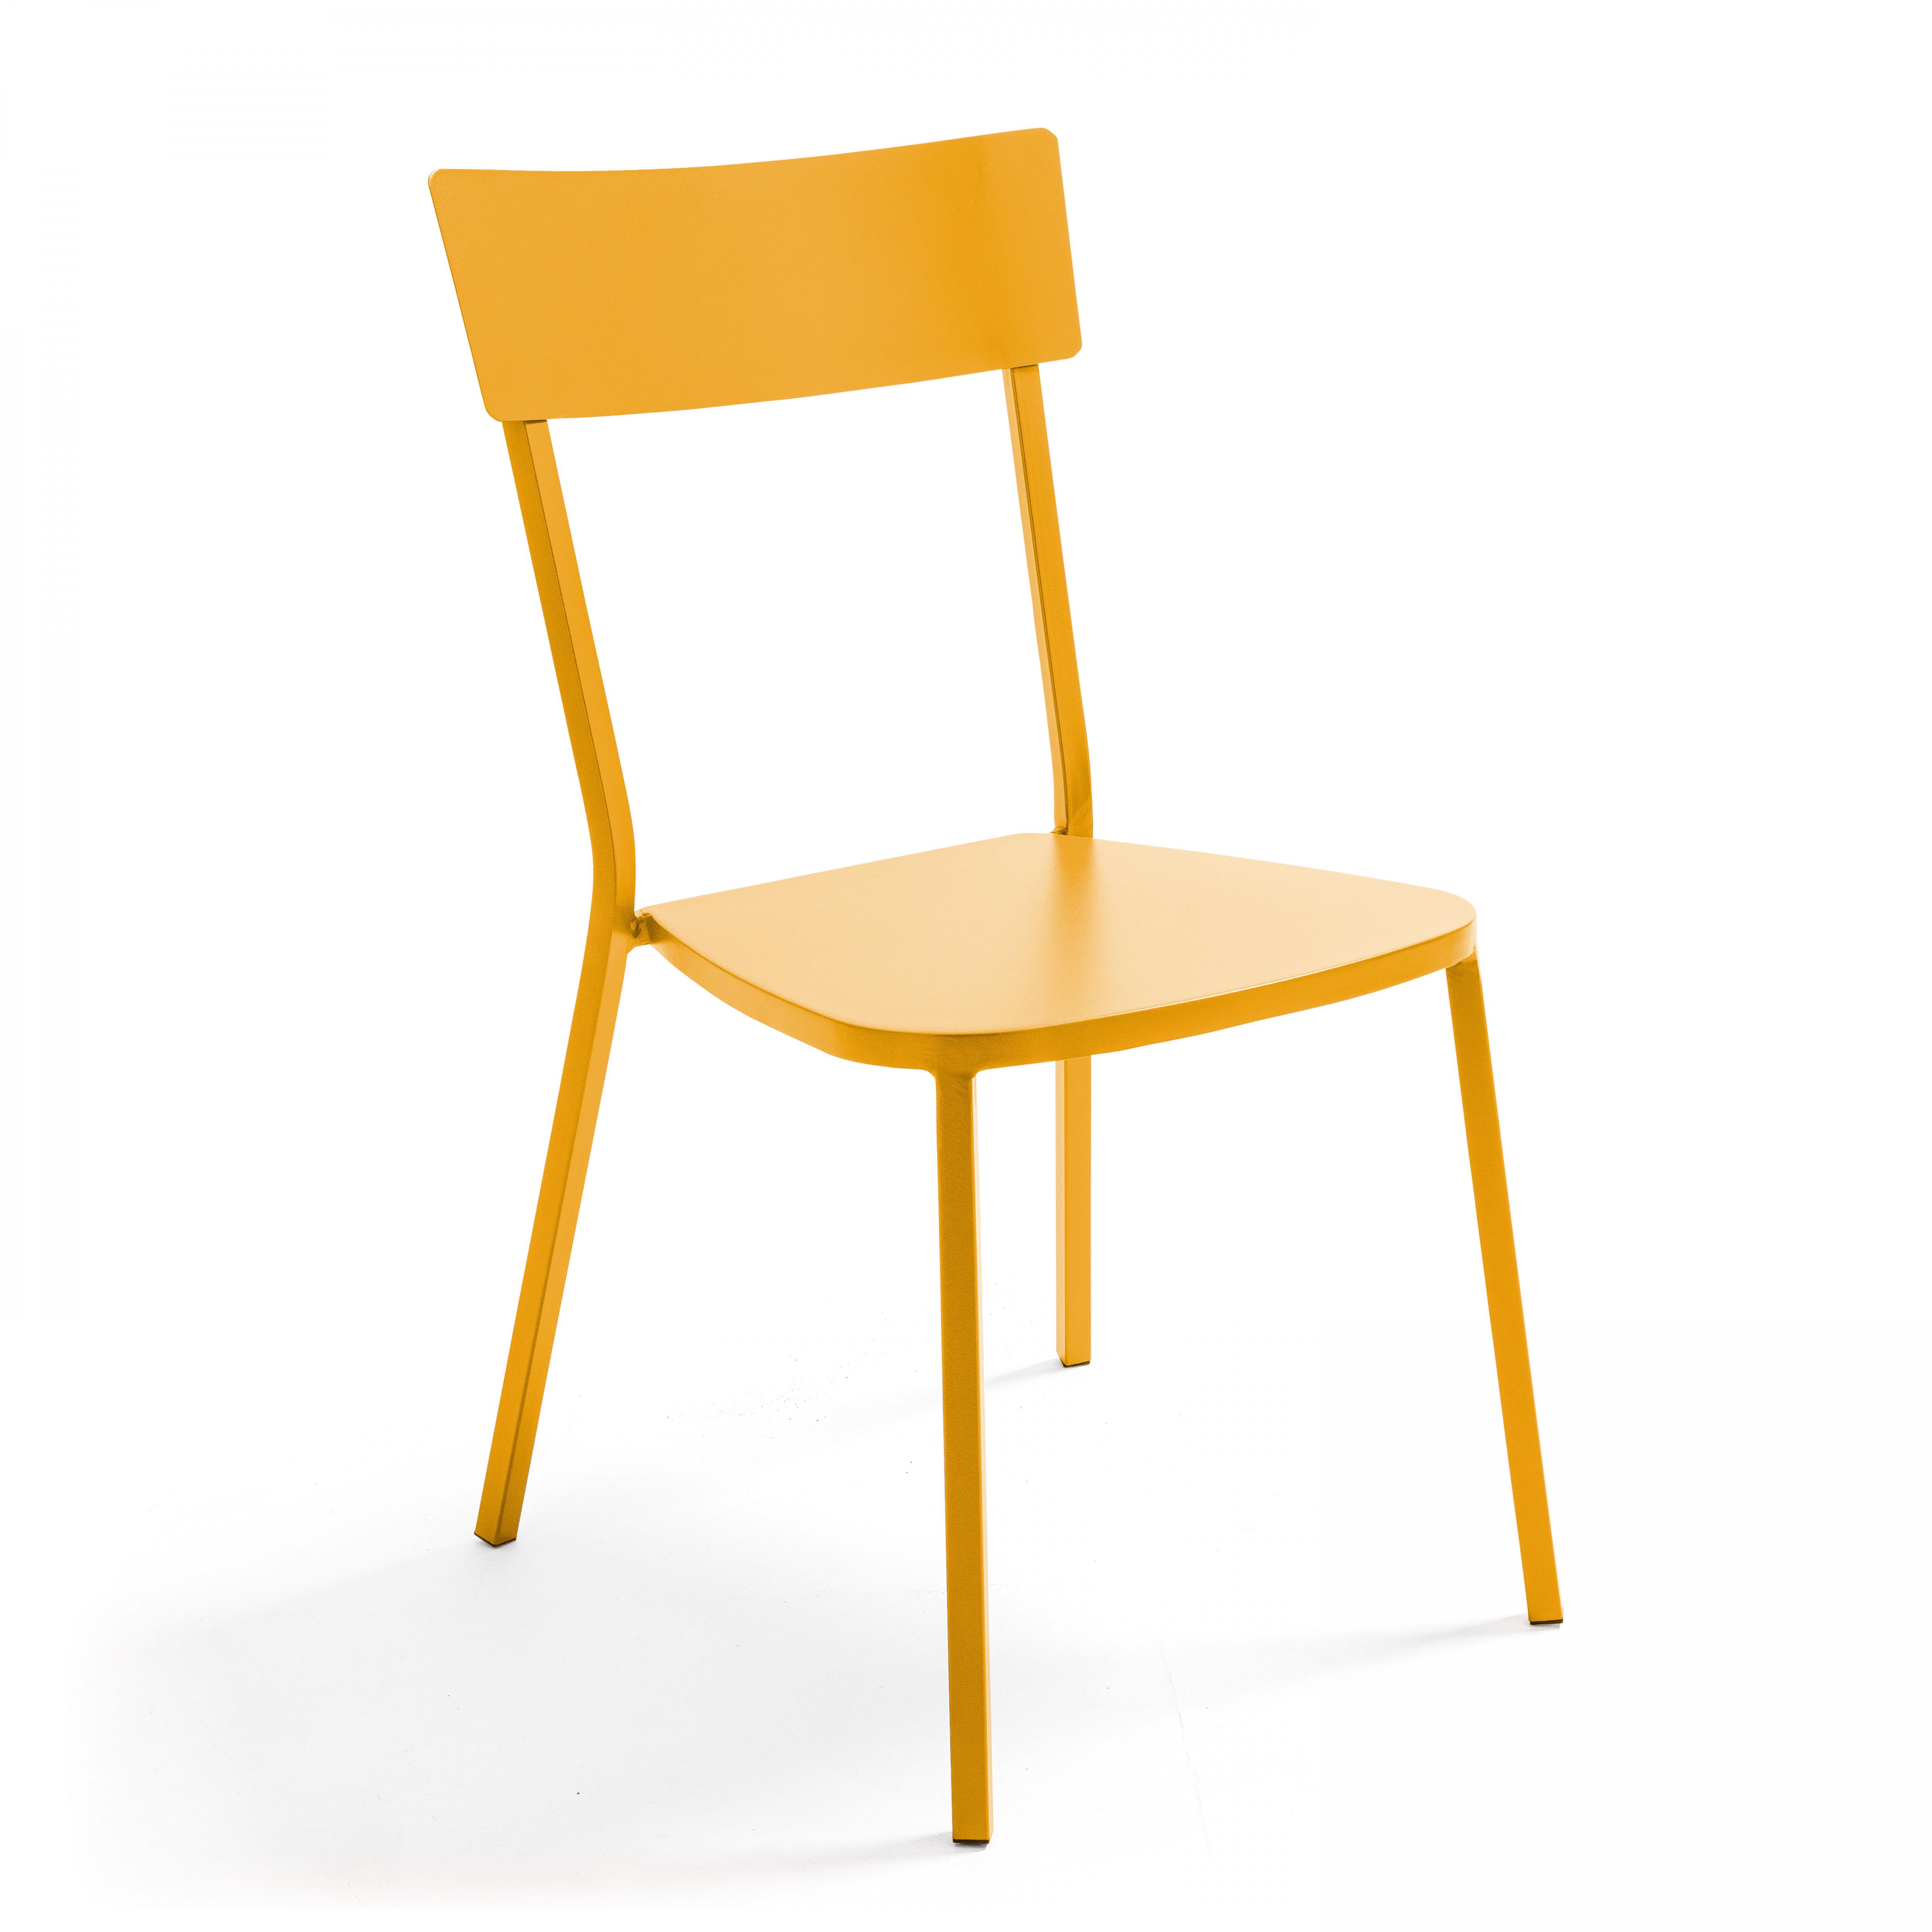 Chaise de jardin bistrot 1 place en acier jaune